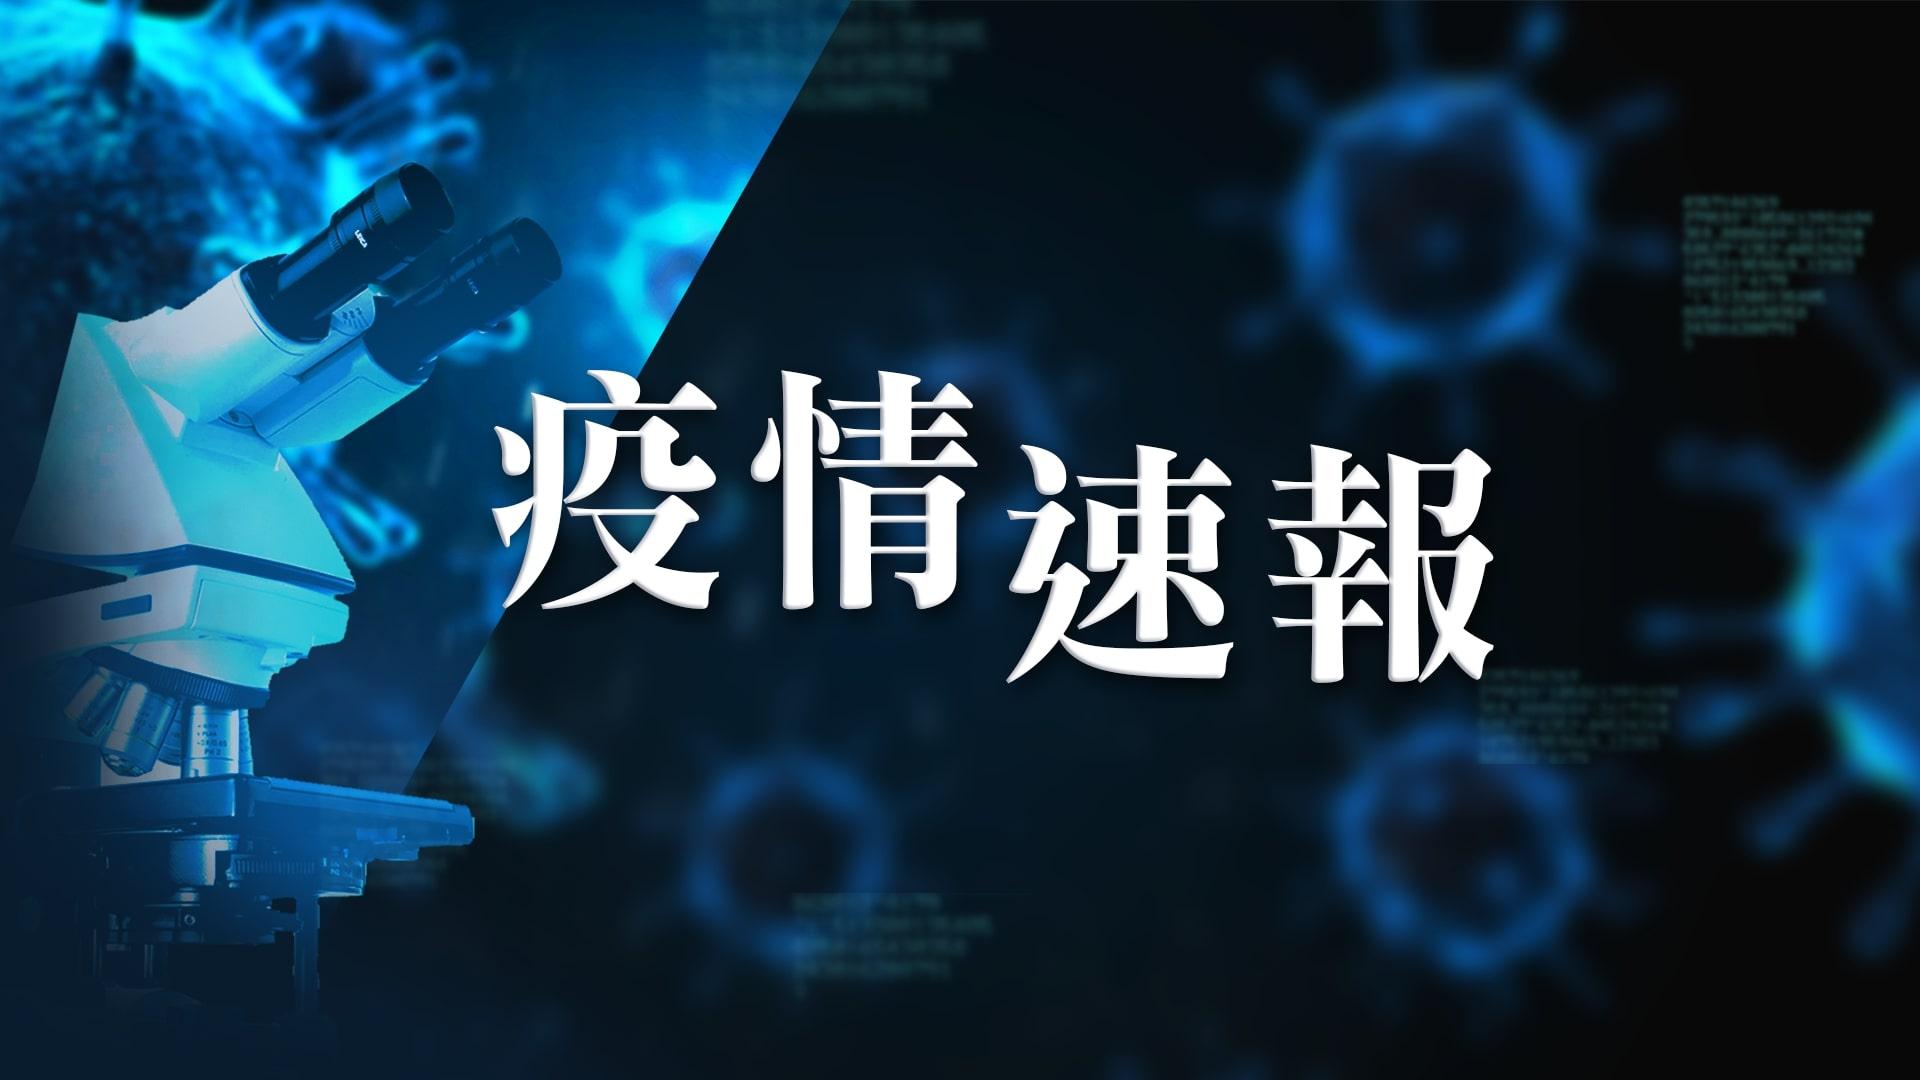 【2月17日疫情速報】(10:50)